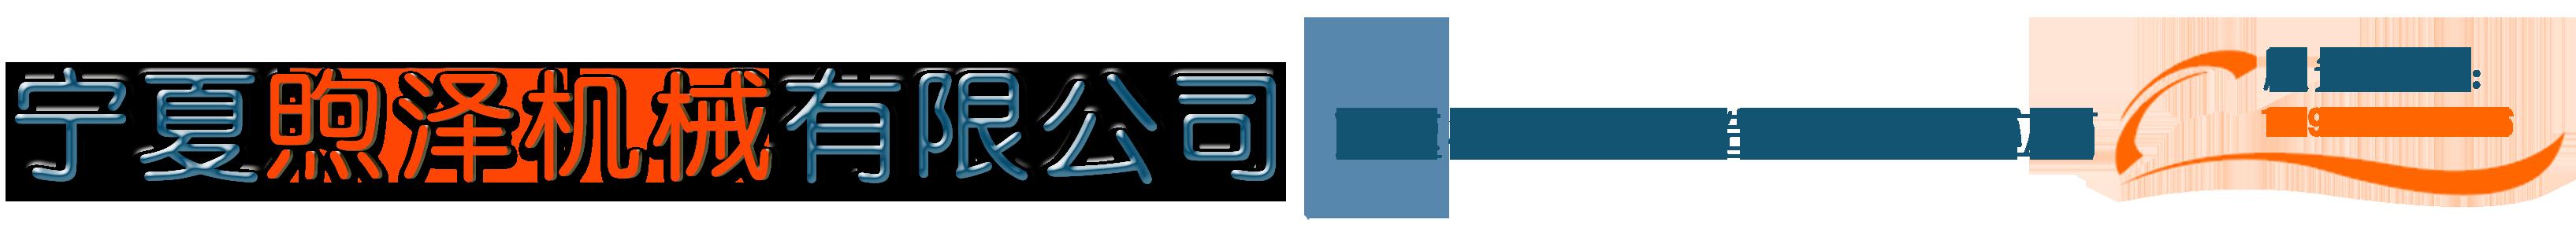 大奖娱乐88pt88官网煦泽机械有限公司